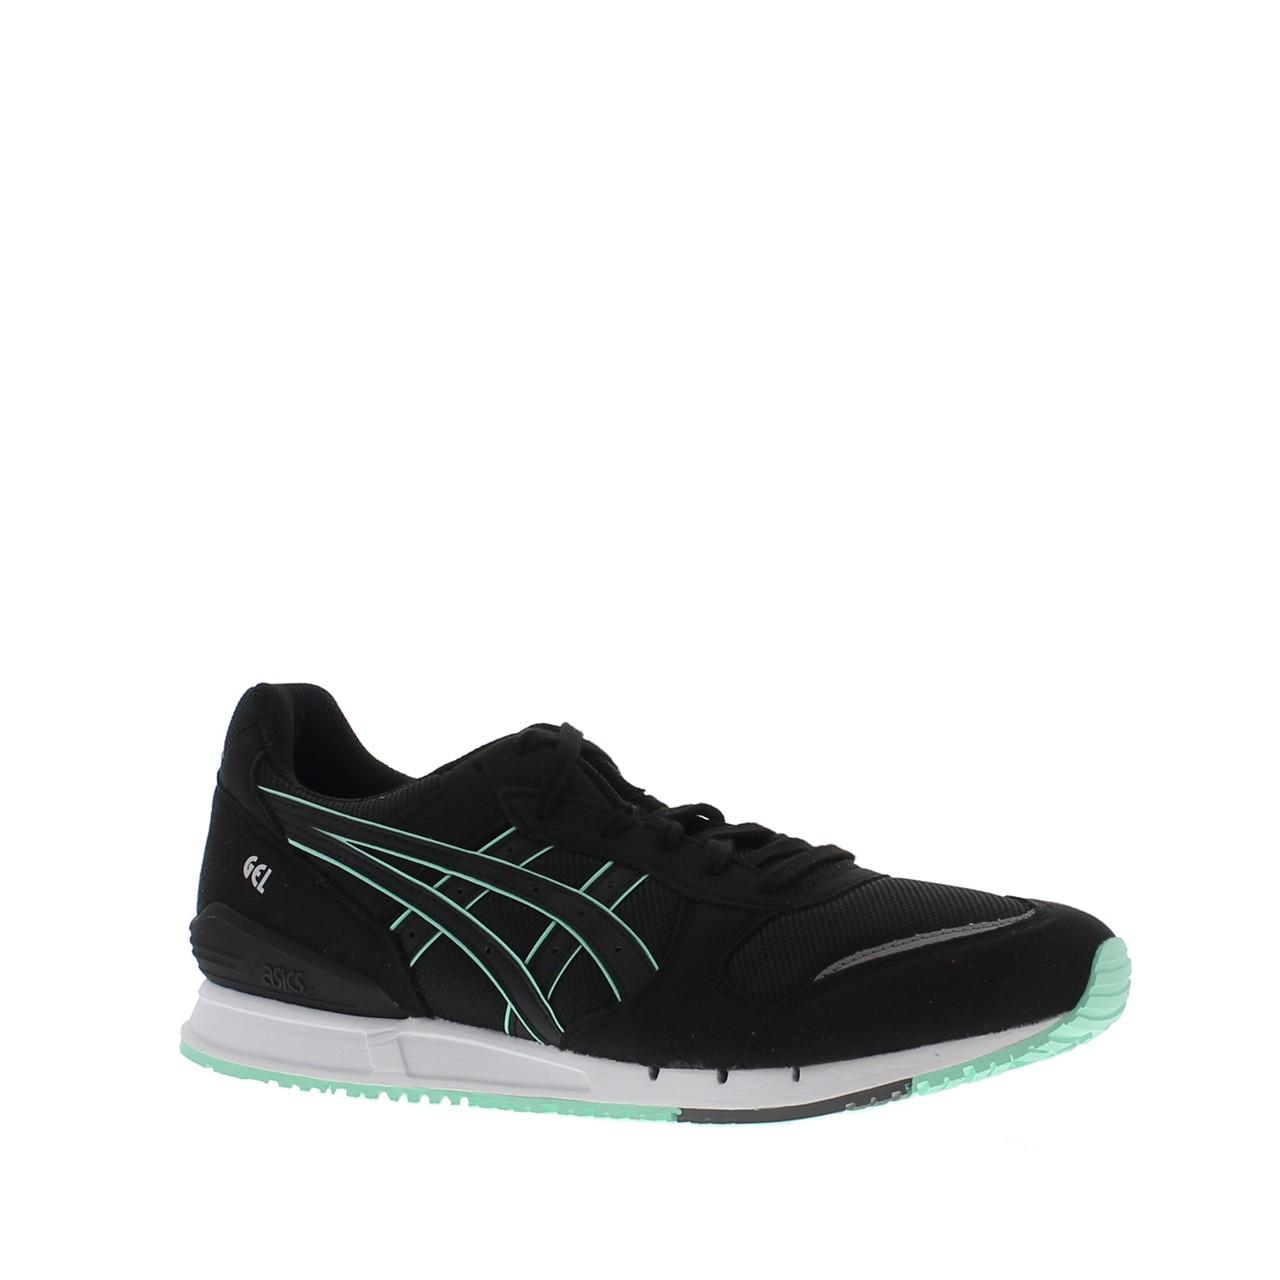 Afbeelding van Asics Tiger Sneakers 180-5-9 zwart